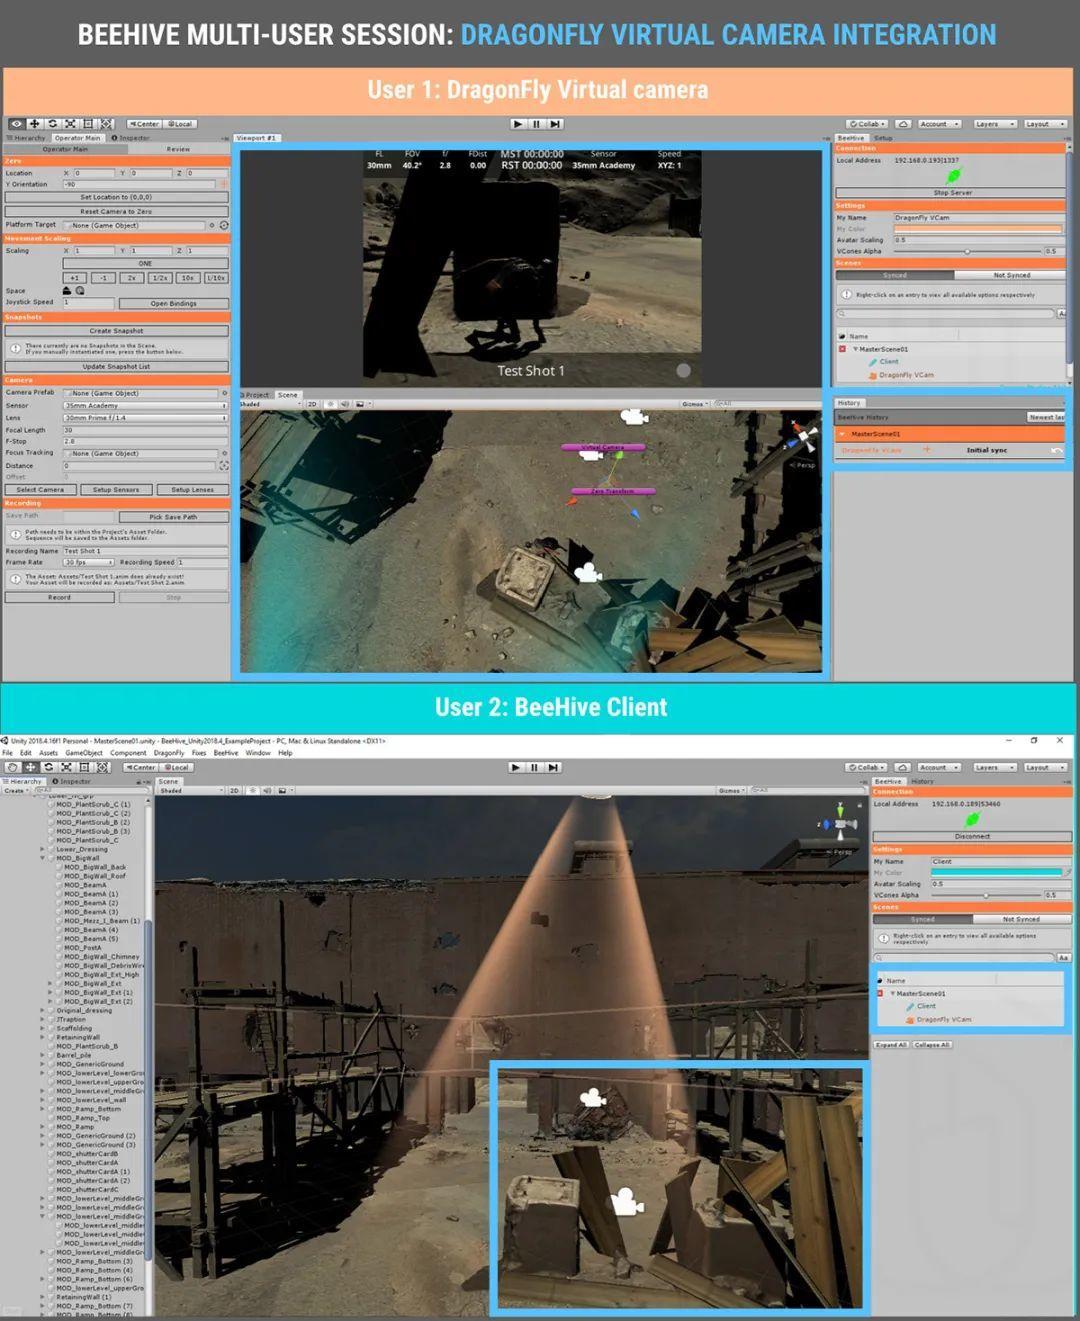 支持UE4,Unity,Maya,可跨区域跨平台实时协同虚拟制作软件来了~